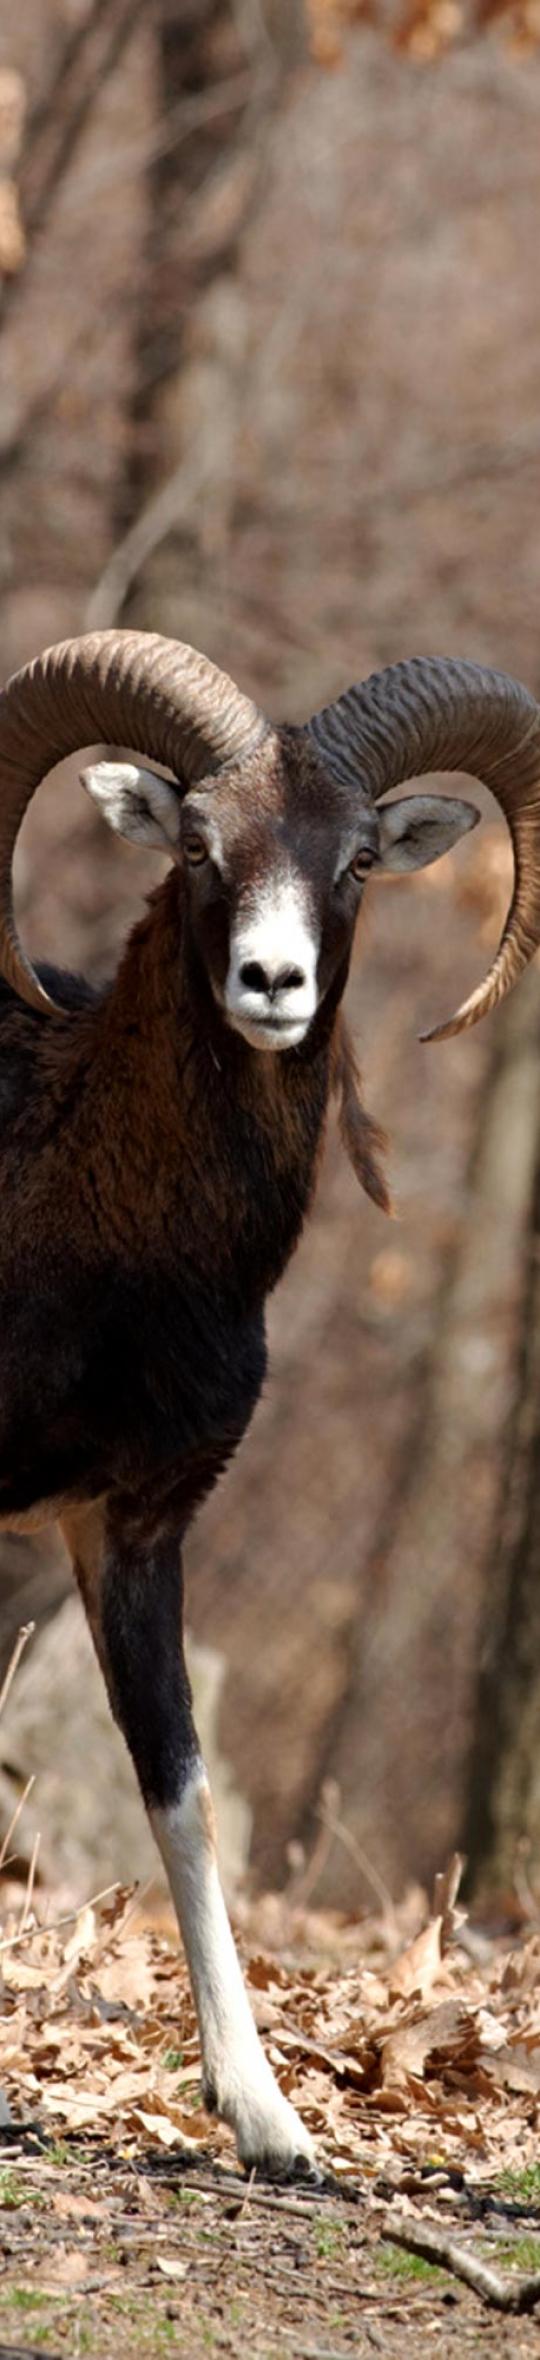 mouflon540x2000